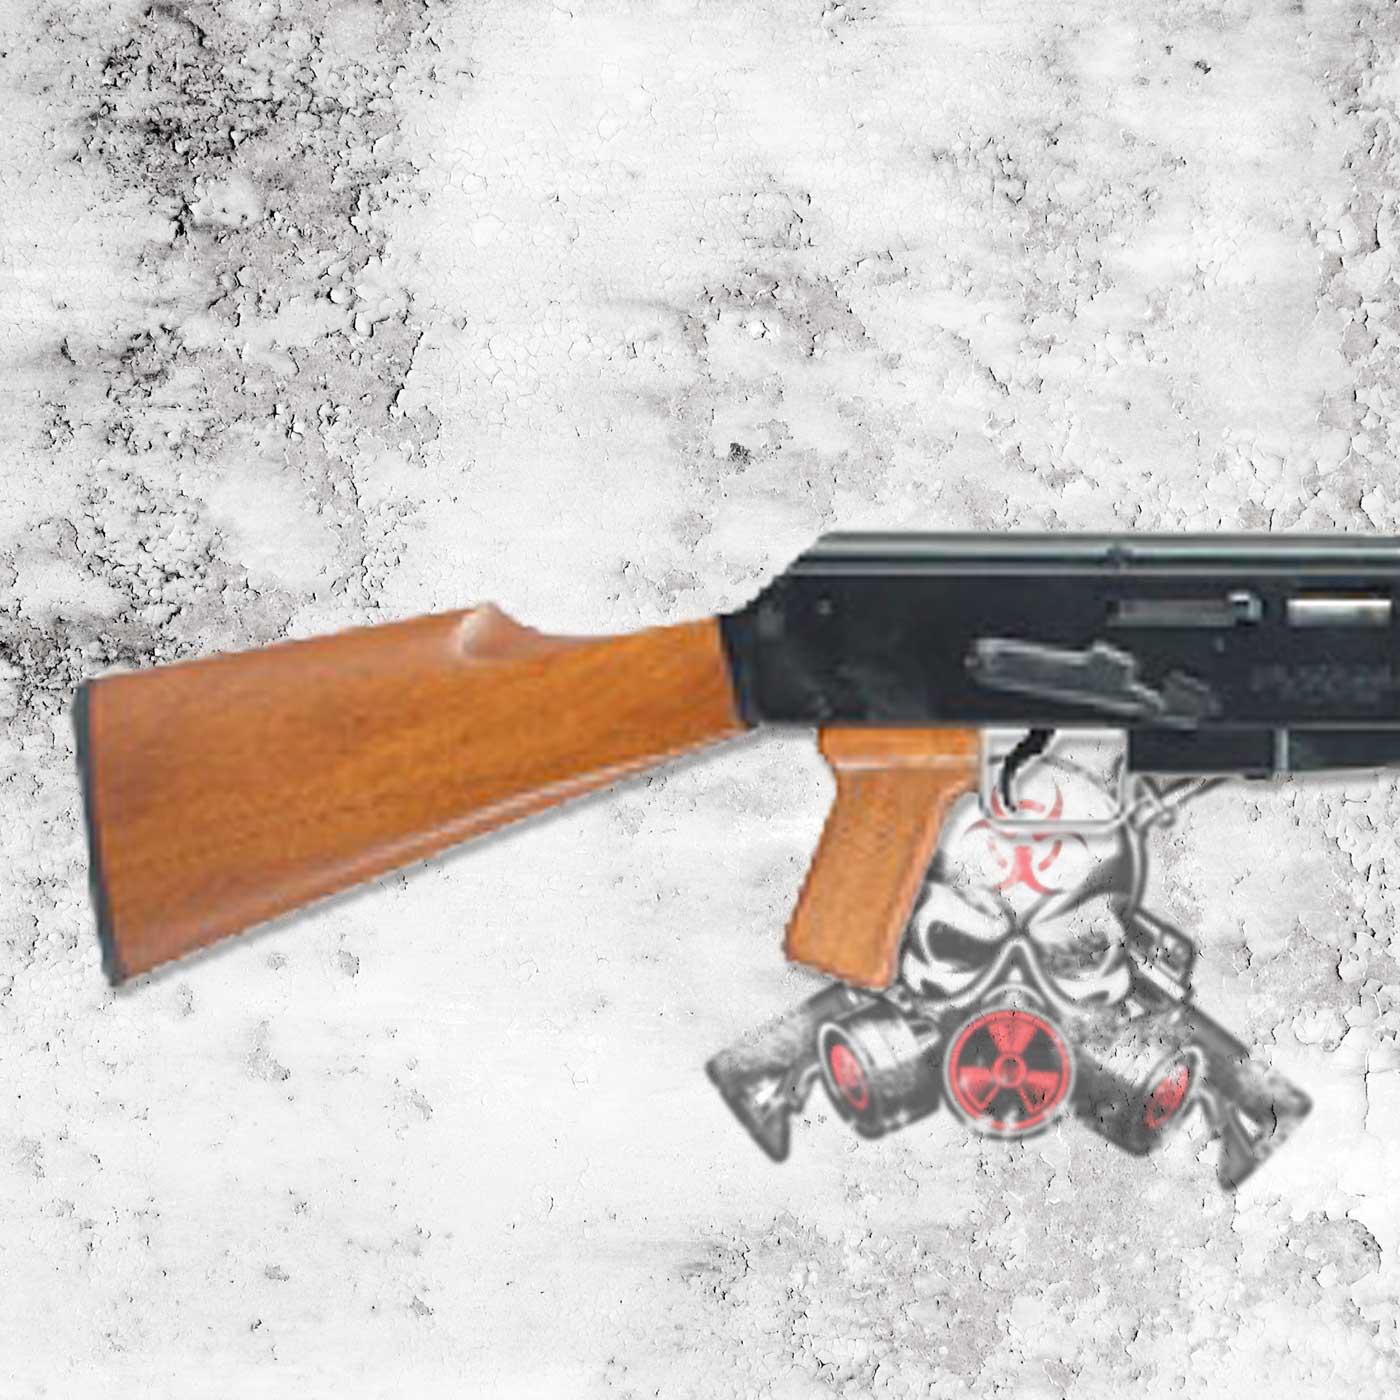 Armscor Ak22 22lr 10rd Bl Wd Stock